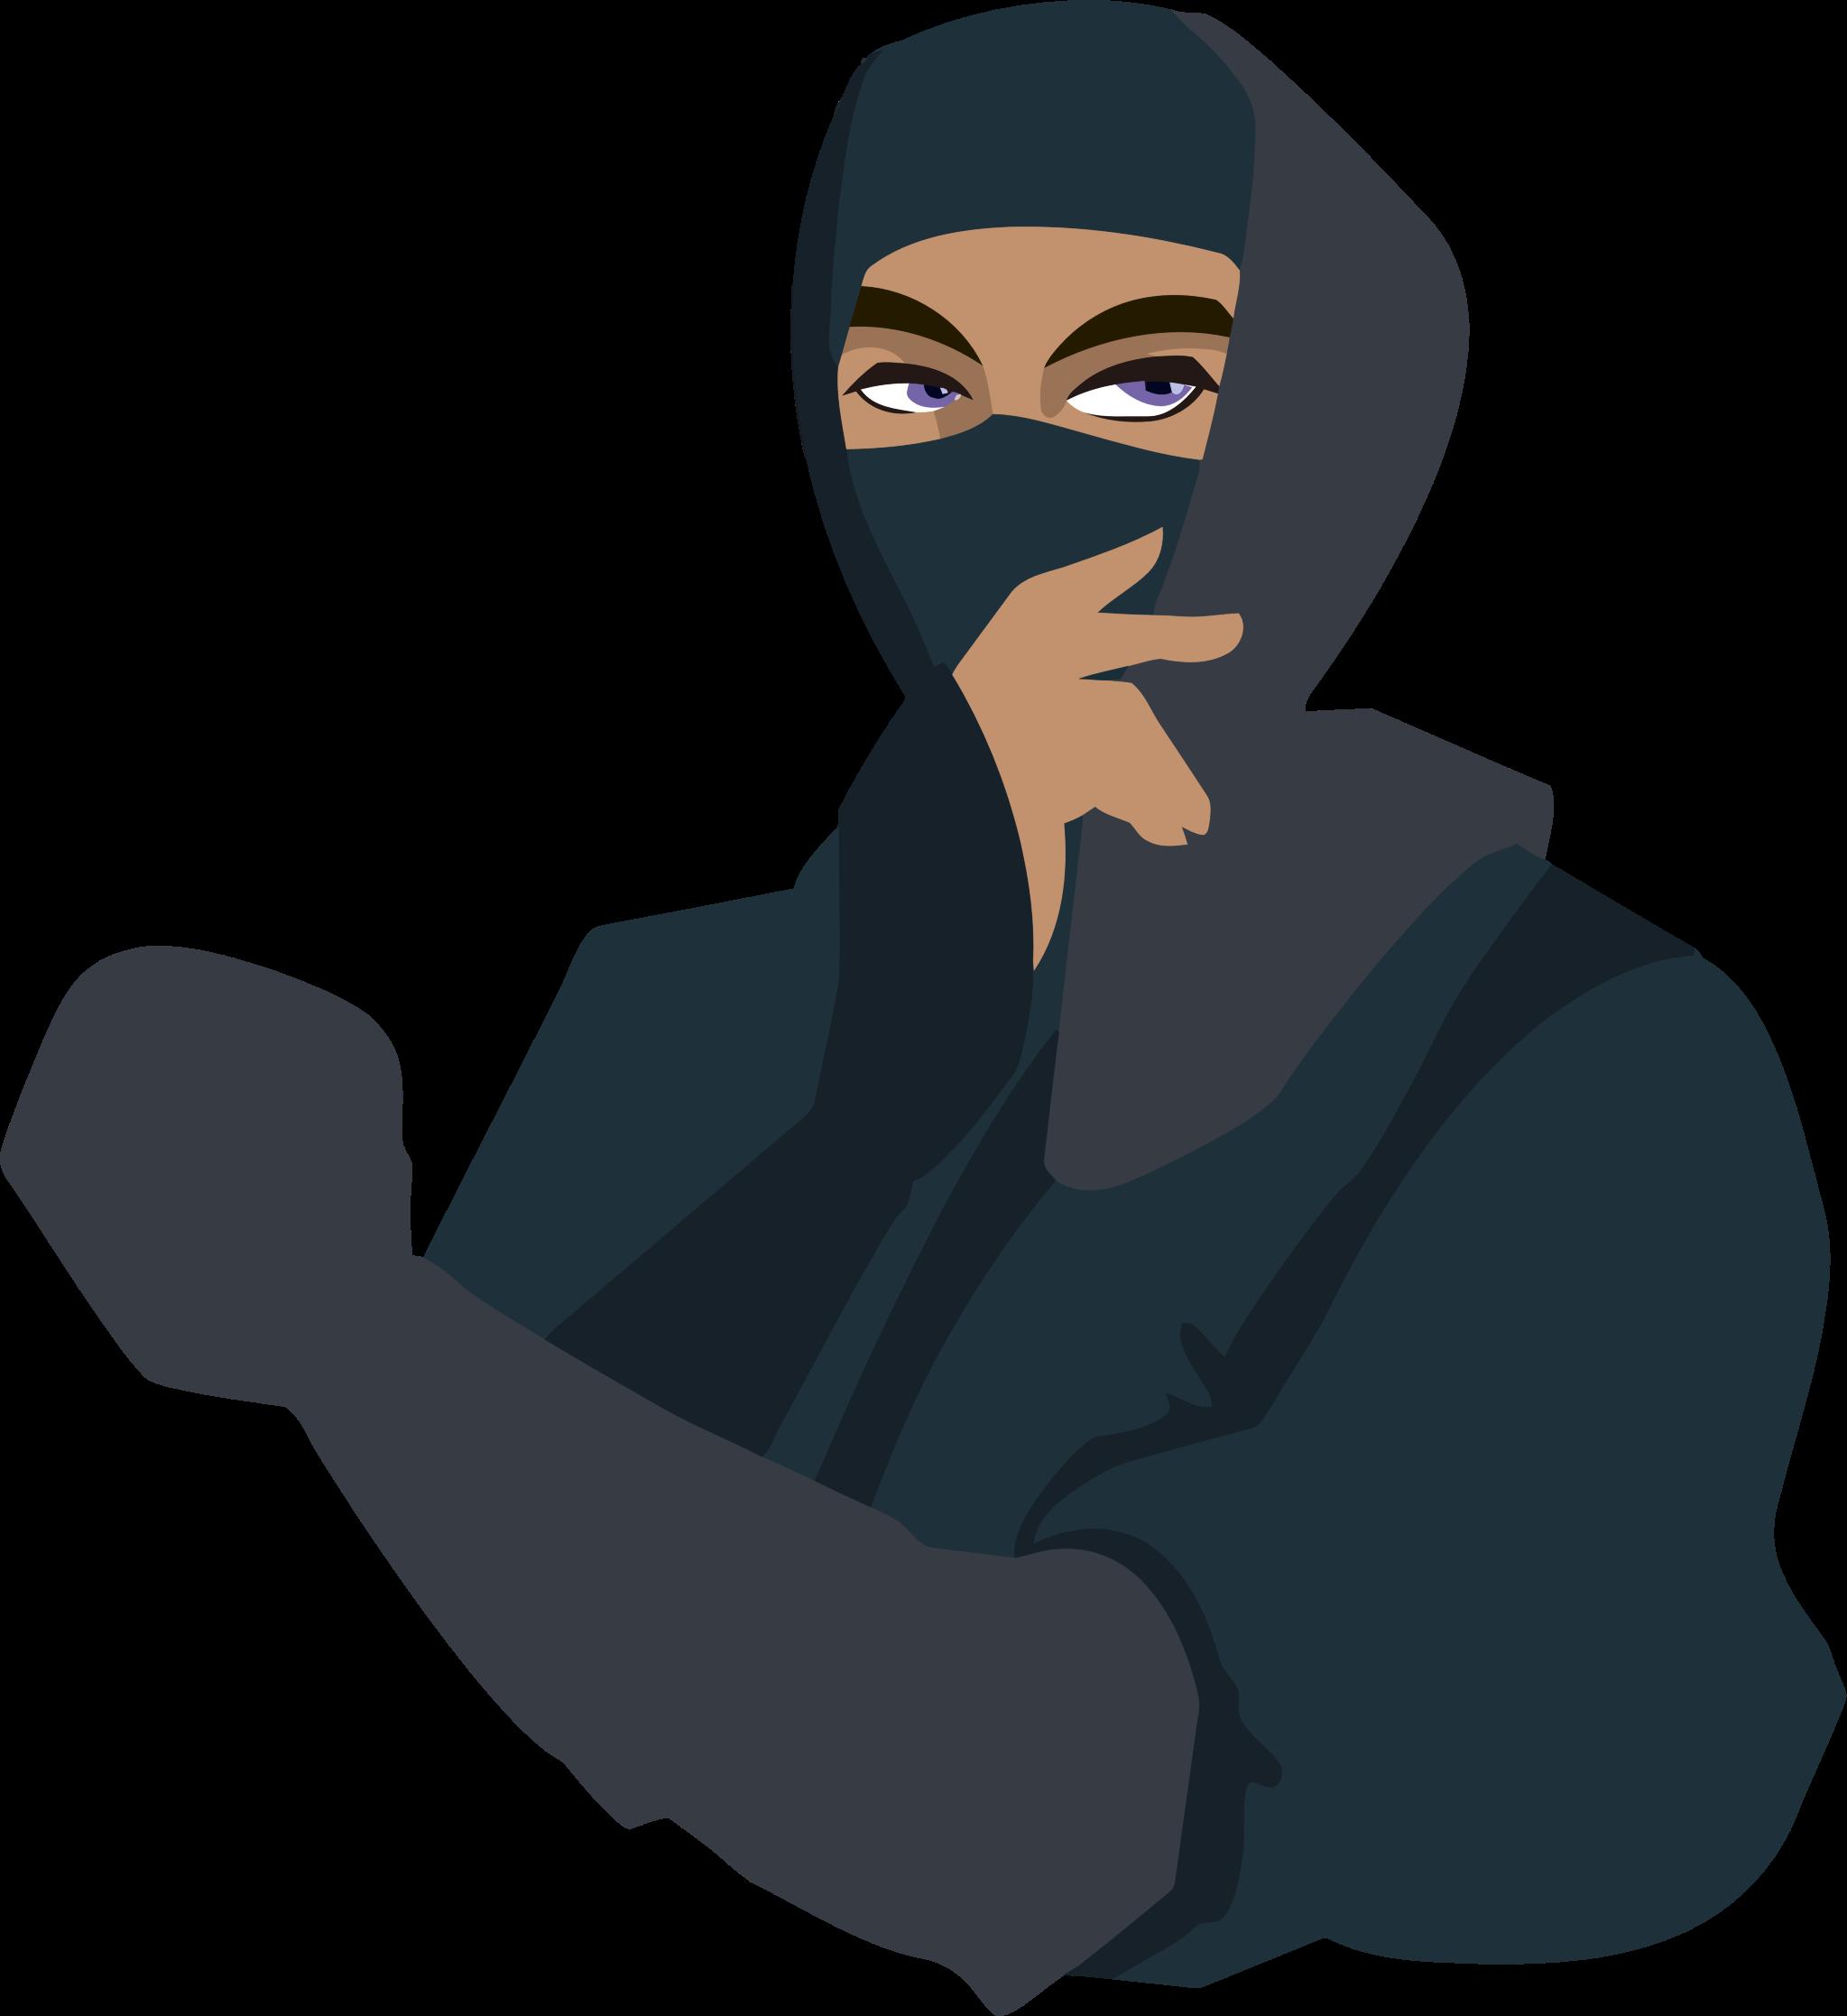 Blue eyed big image. Japanese clipart ninja